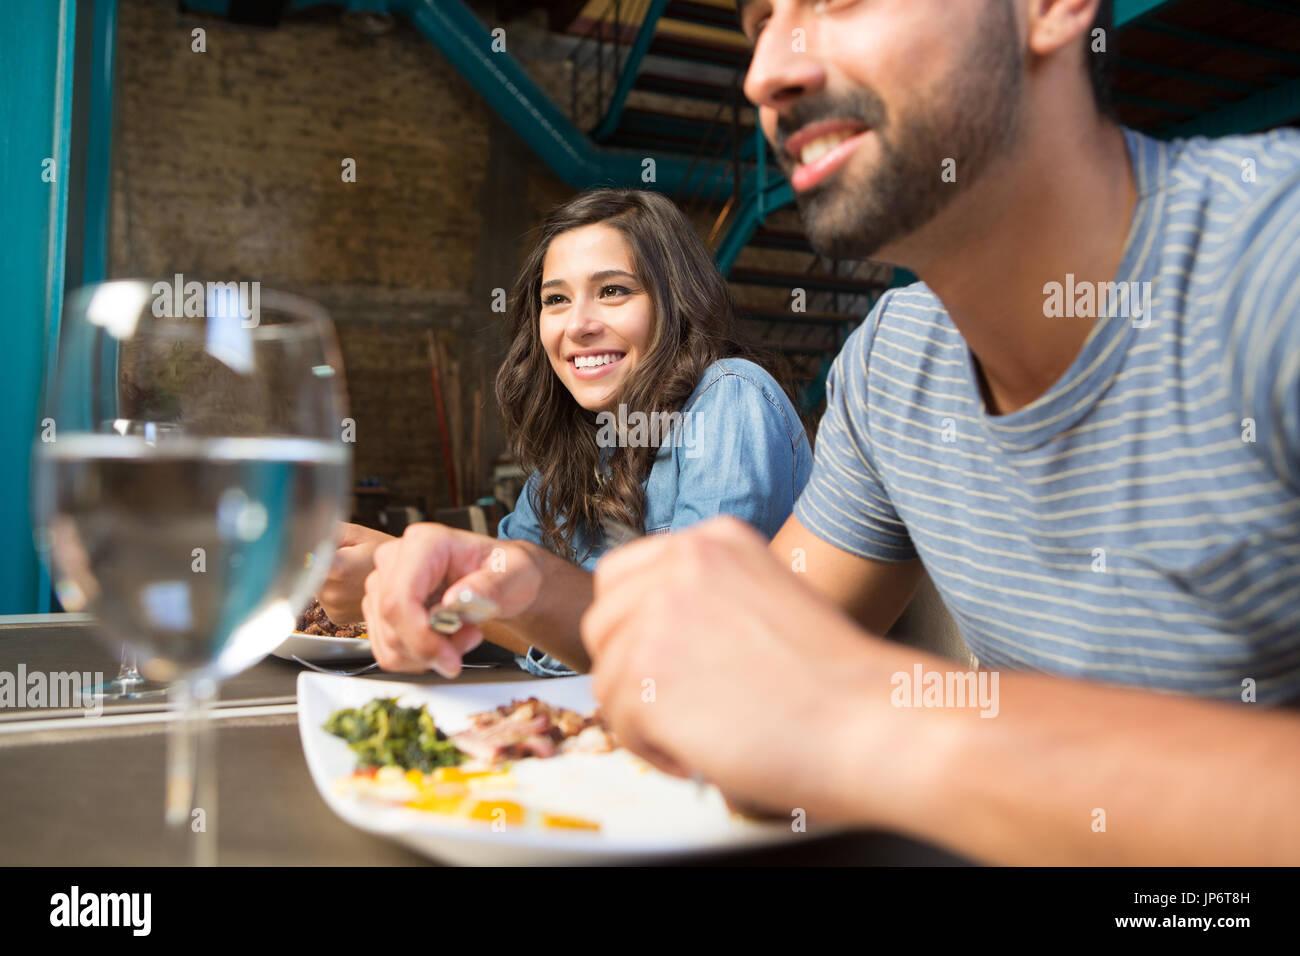 Giovane avente il pranzo al rustico ristorante gourmet Immagini Stock